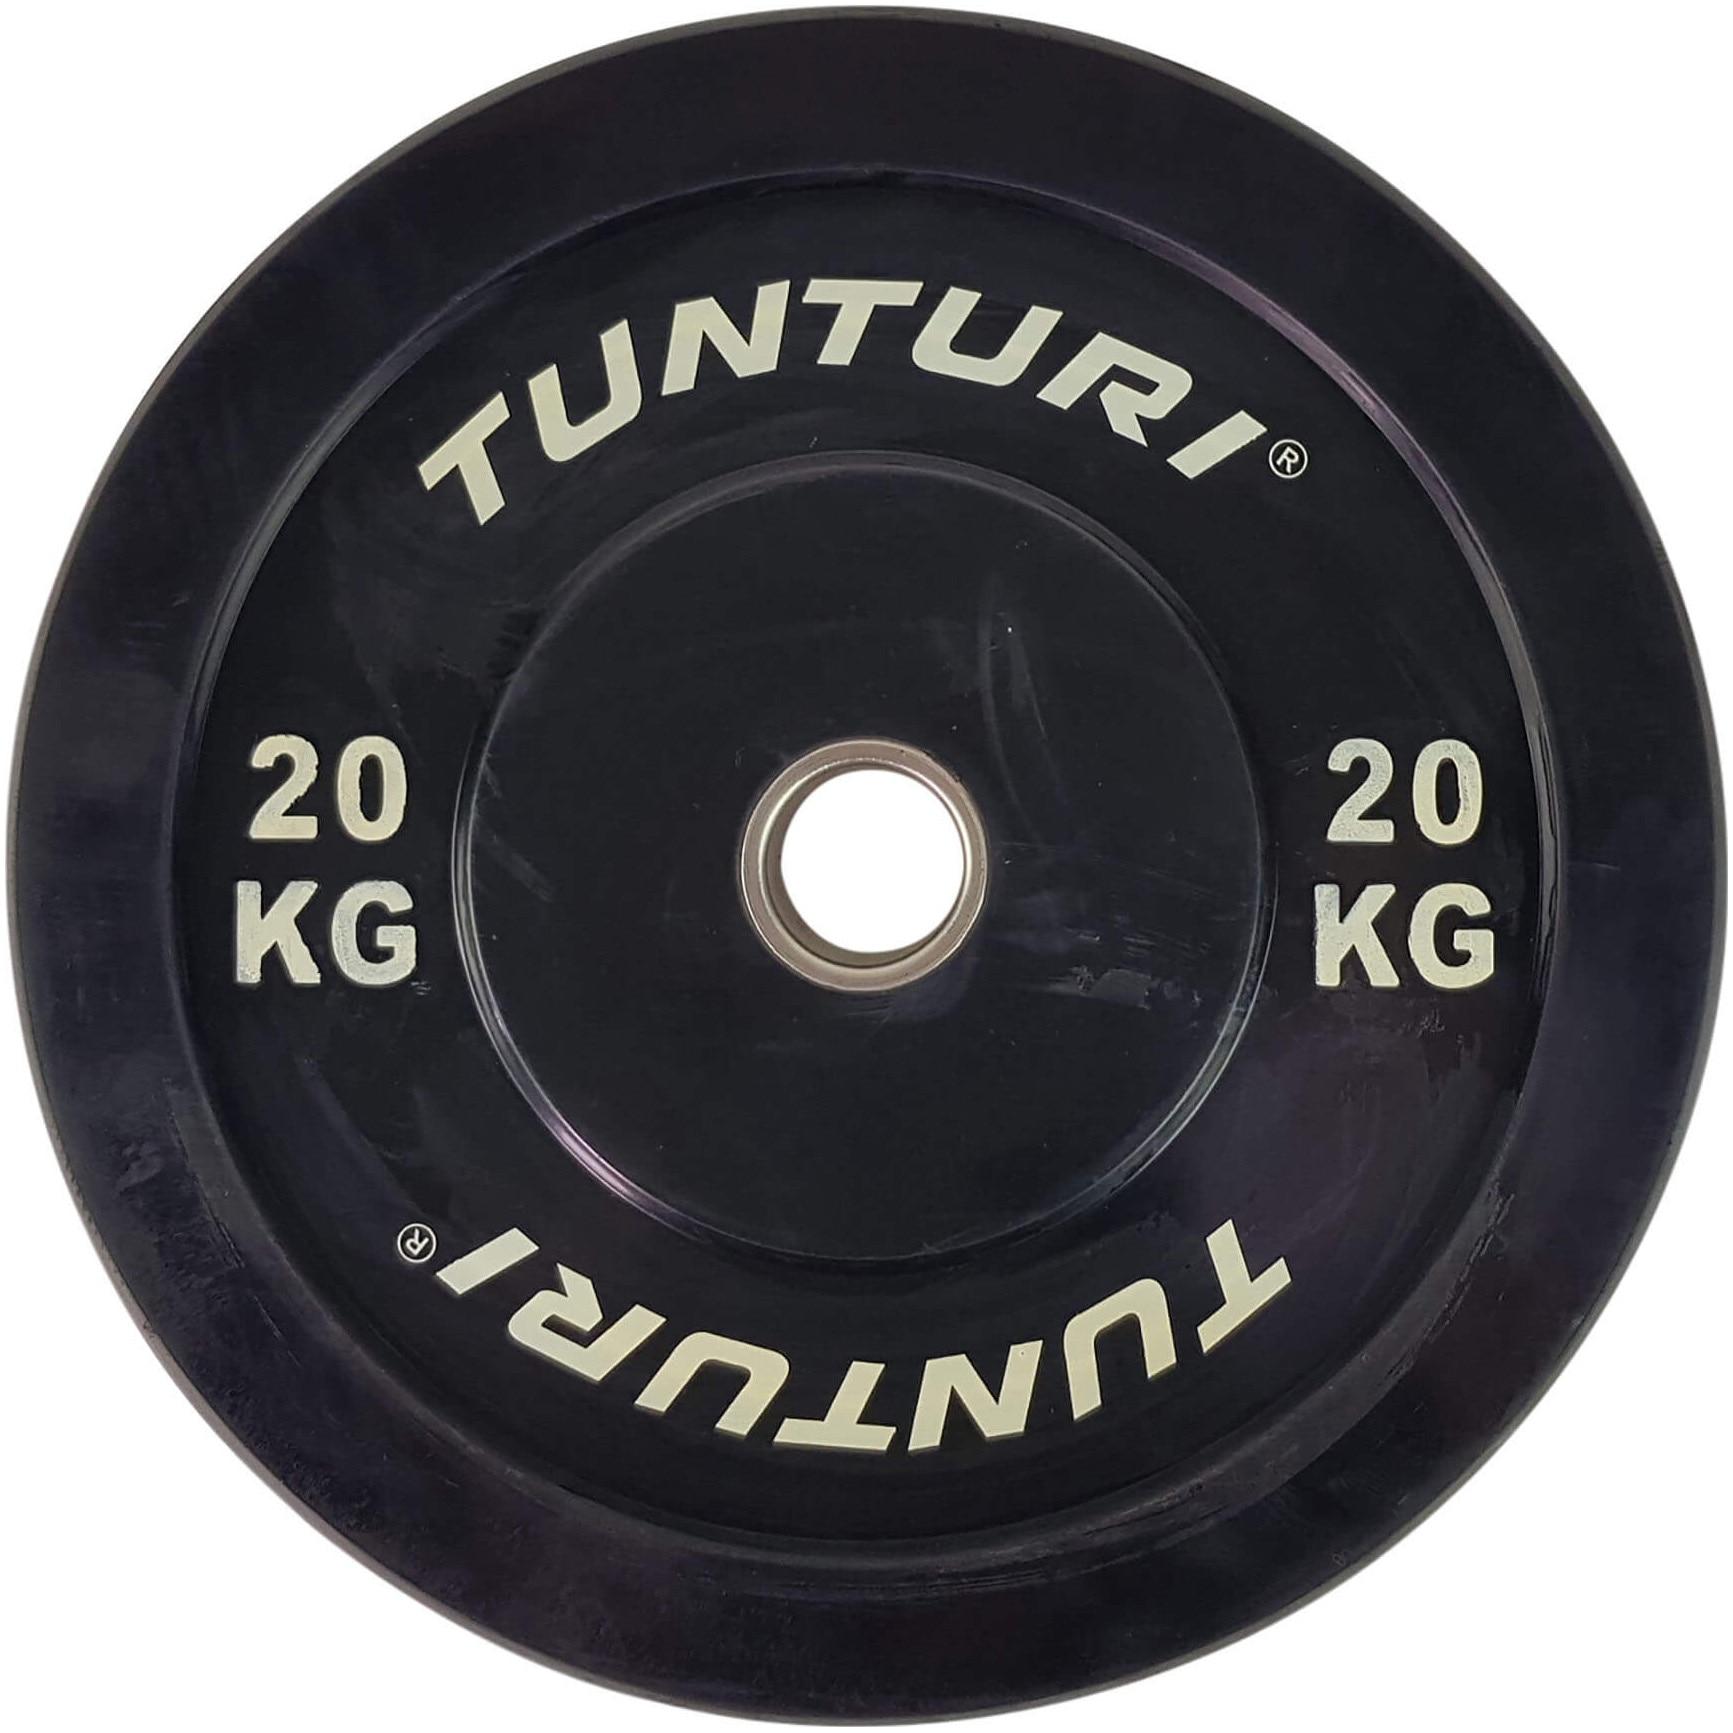 Fotografie Disc cauciuc Tunturi Bumper, 20 kg, negru